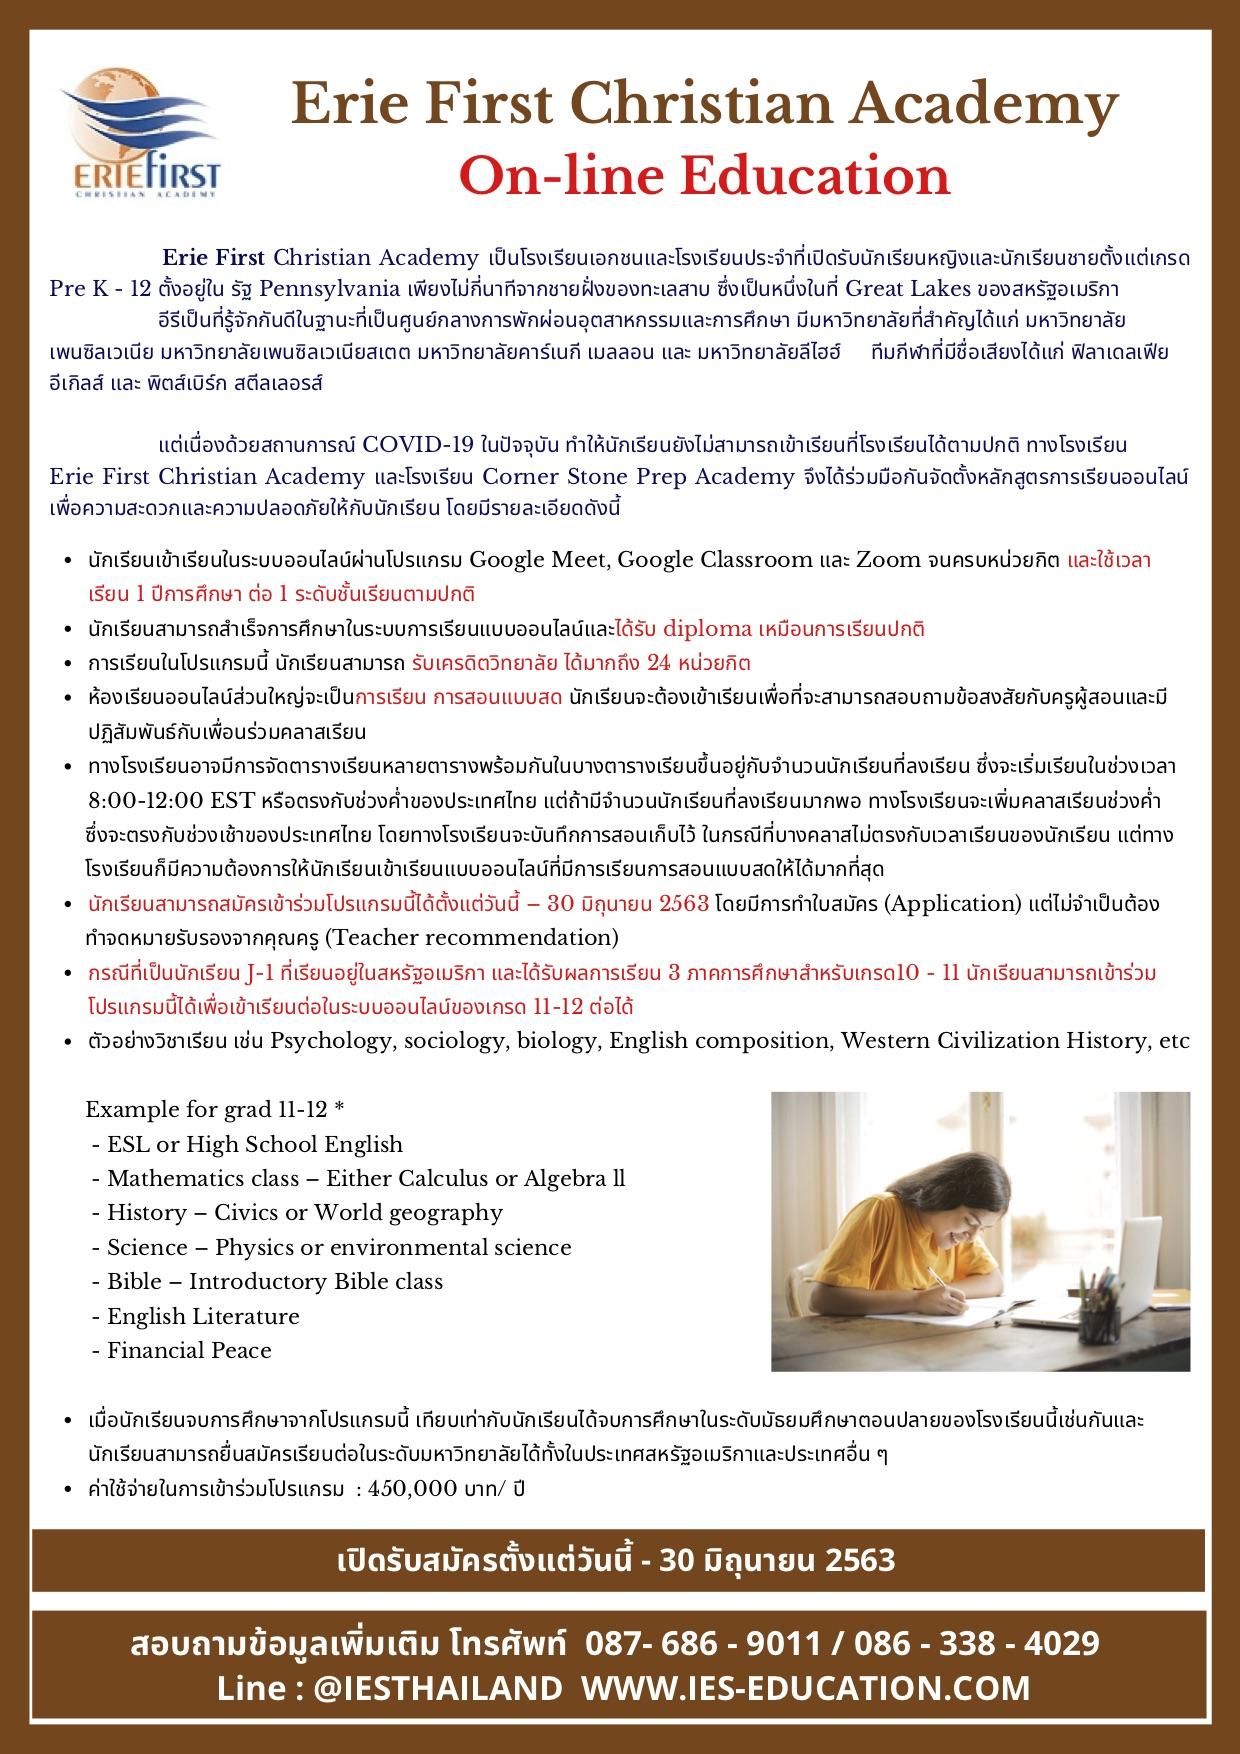 Erie Online Education PDF